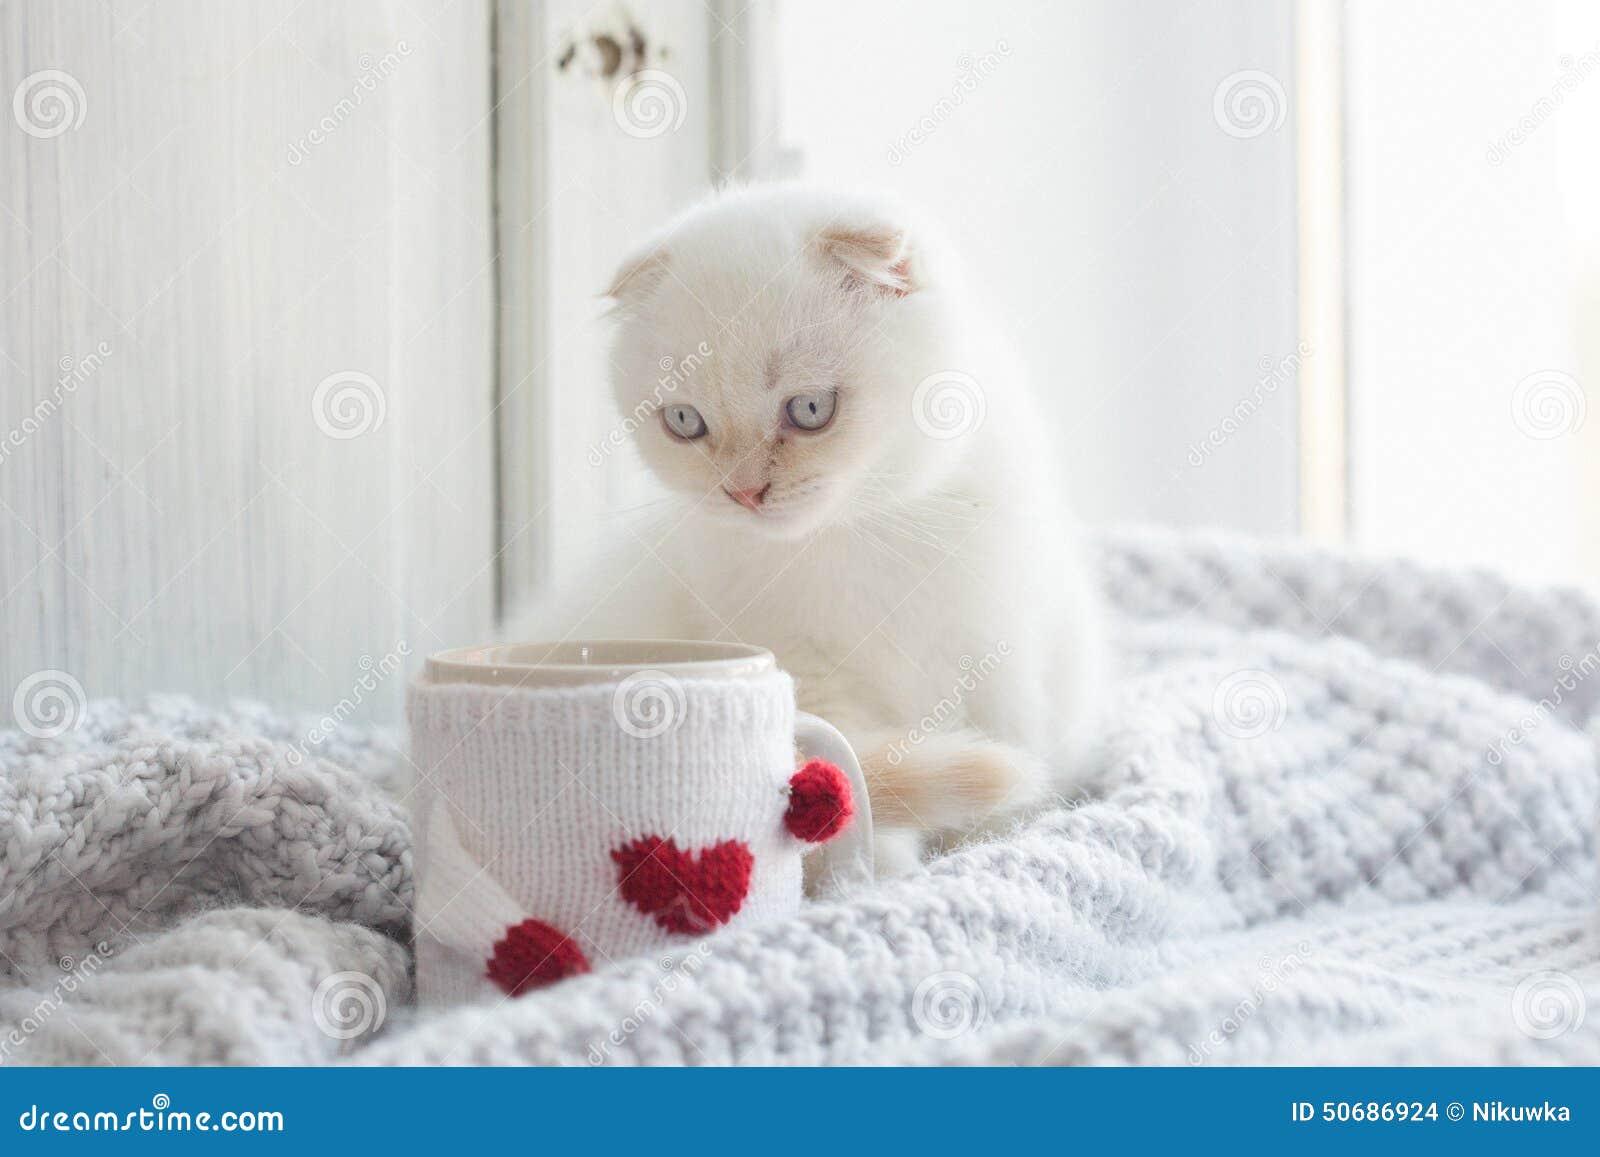 Download 华伦泰题材白色小猫 库存照片. 图片 包括有 伪造品, 华伦泰, 图象, 宠物, 毛皮, 里面, 国内, 纵容 - 50686924